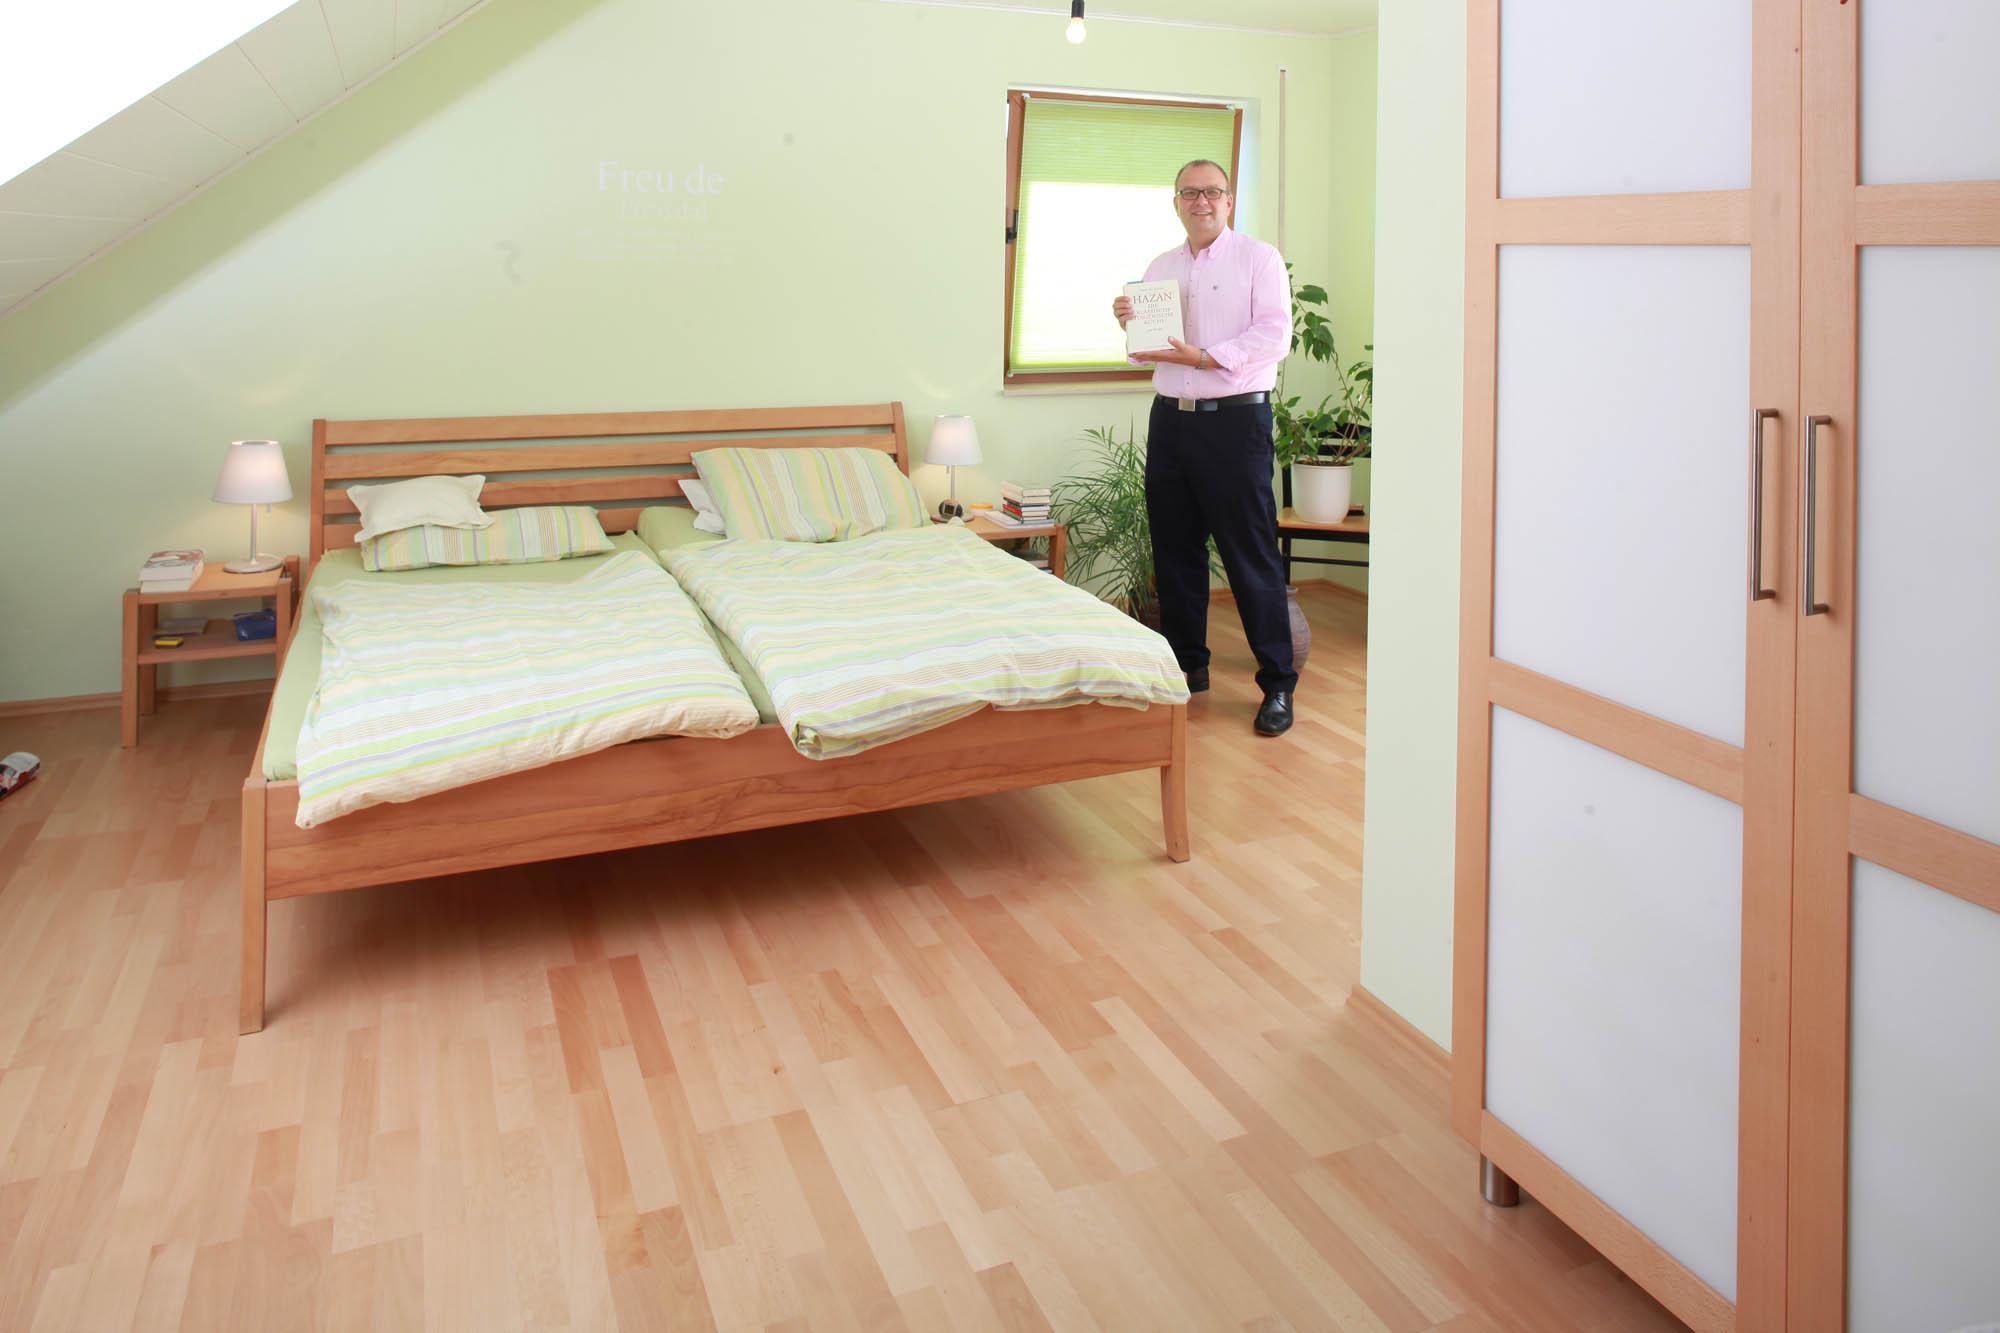 Fußboden Schlafzimmer Einrichten ~ Das gesunde schlafzimmer vom fußboden über die massivholzmöbel bis